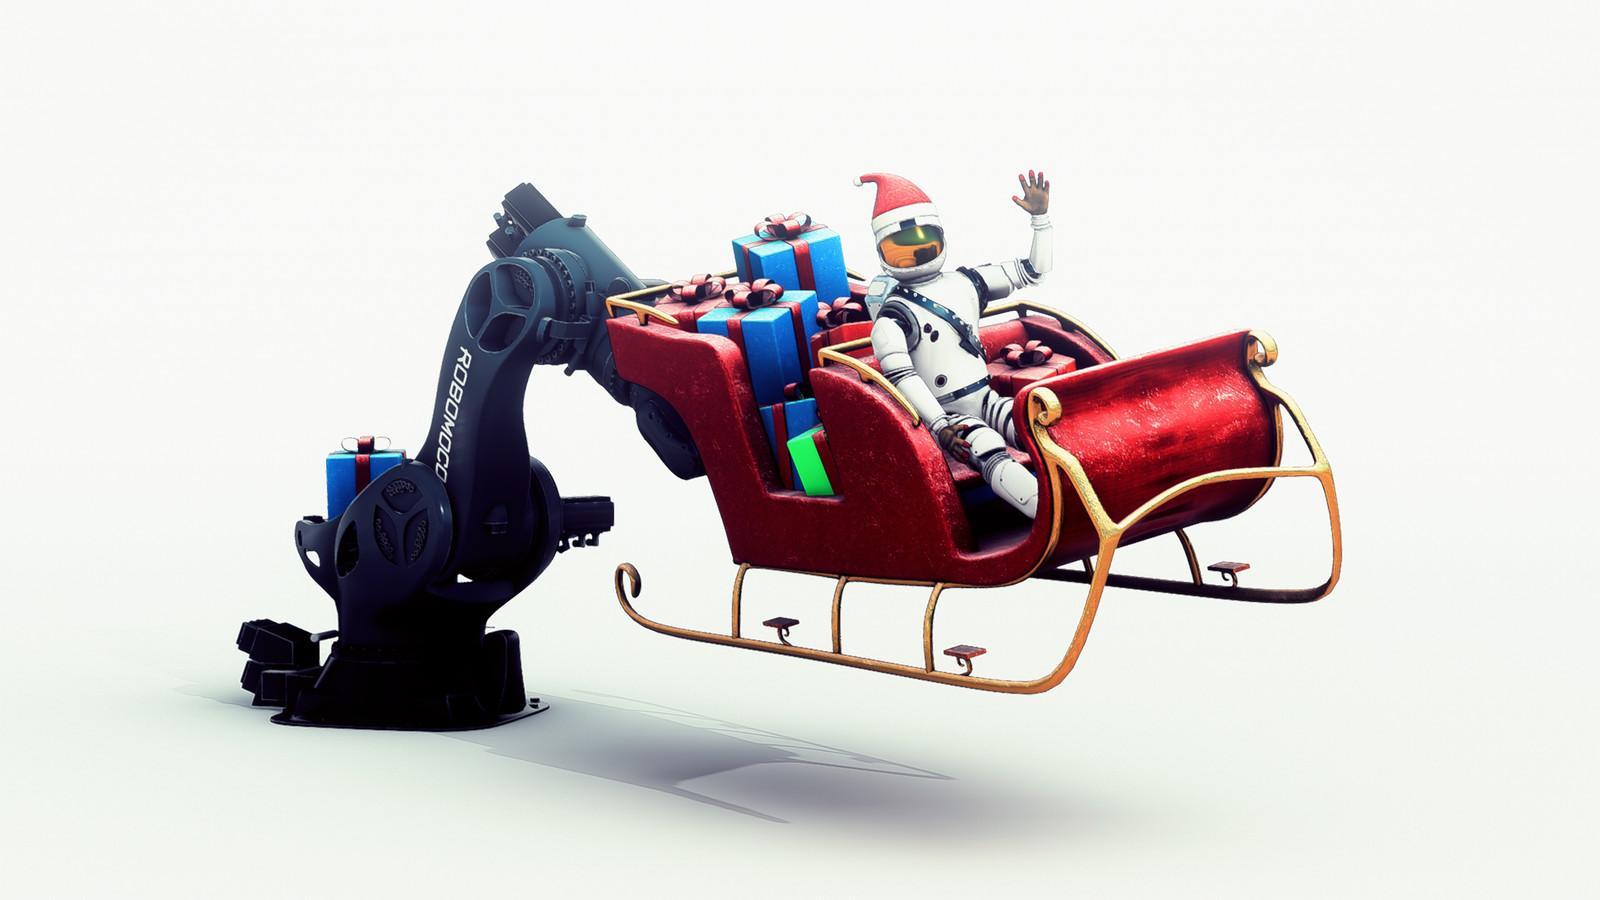 RoboMoco - Merry Christmas!